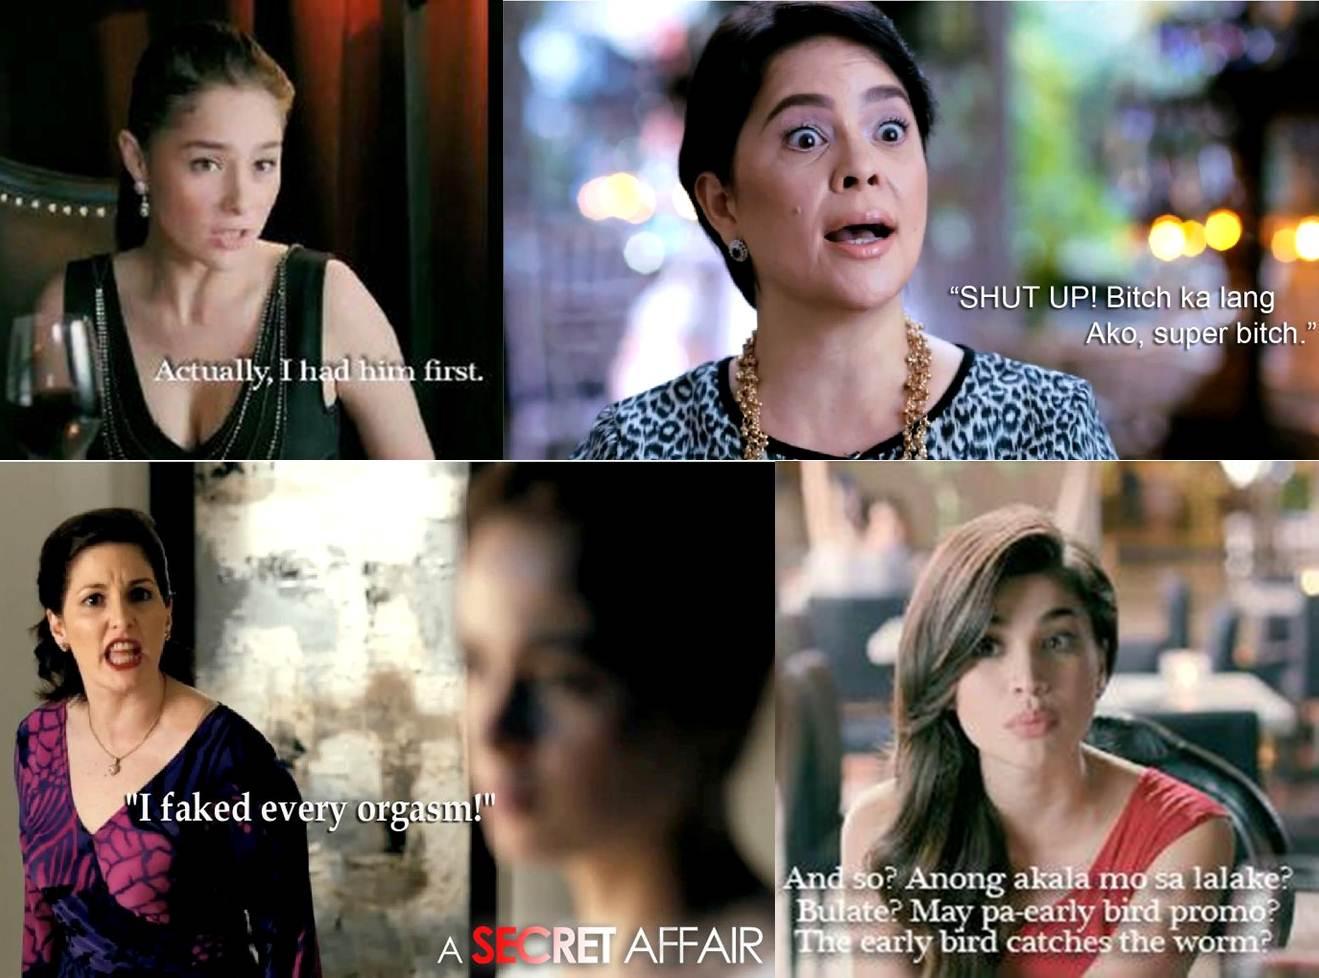 'A Secret Affair' Movie Lines and Quotes | BIDA KAPAMILYA